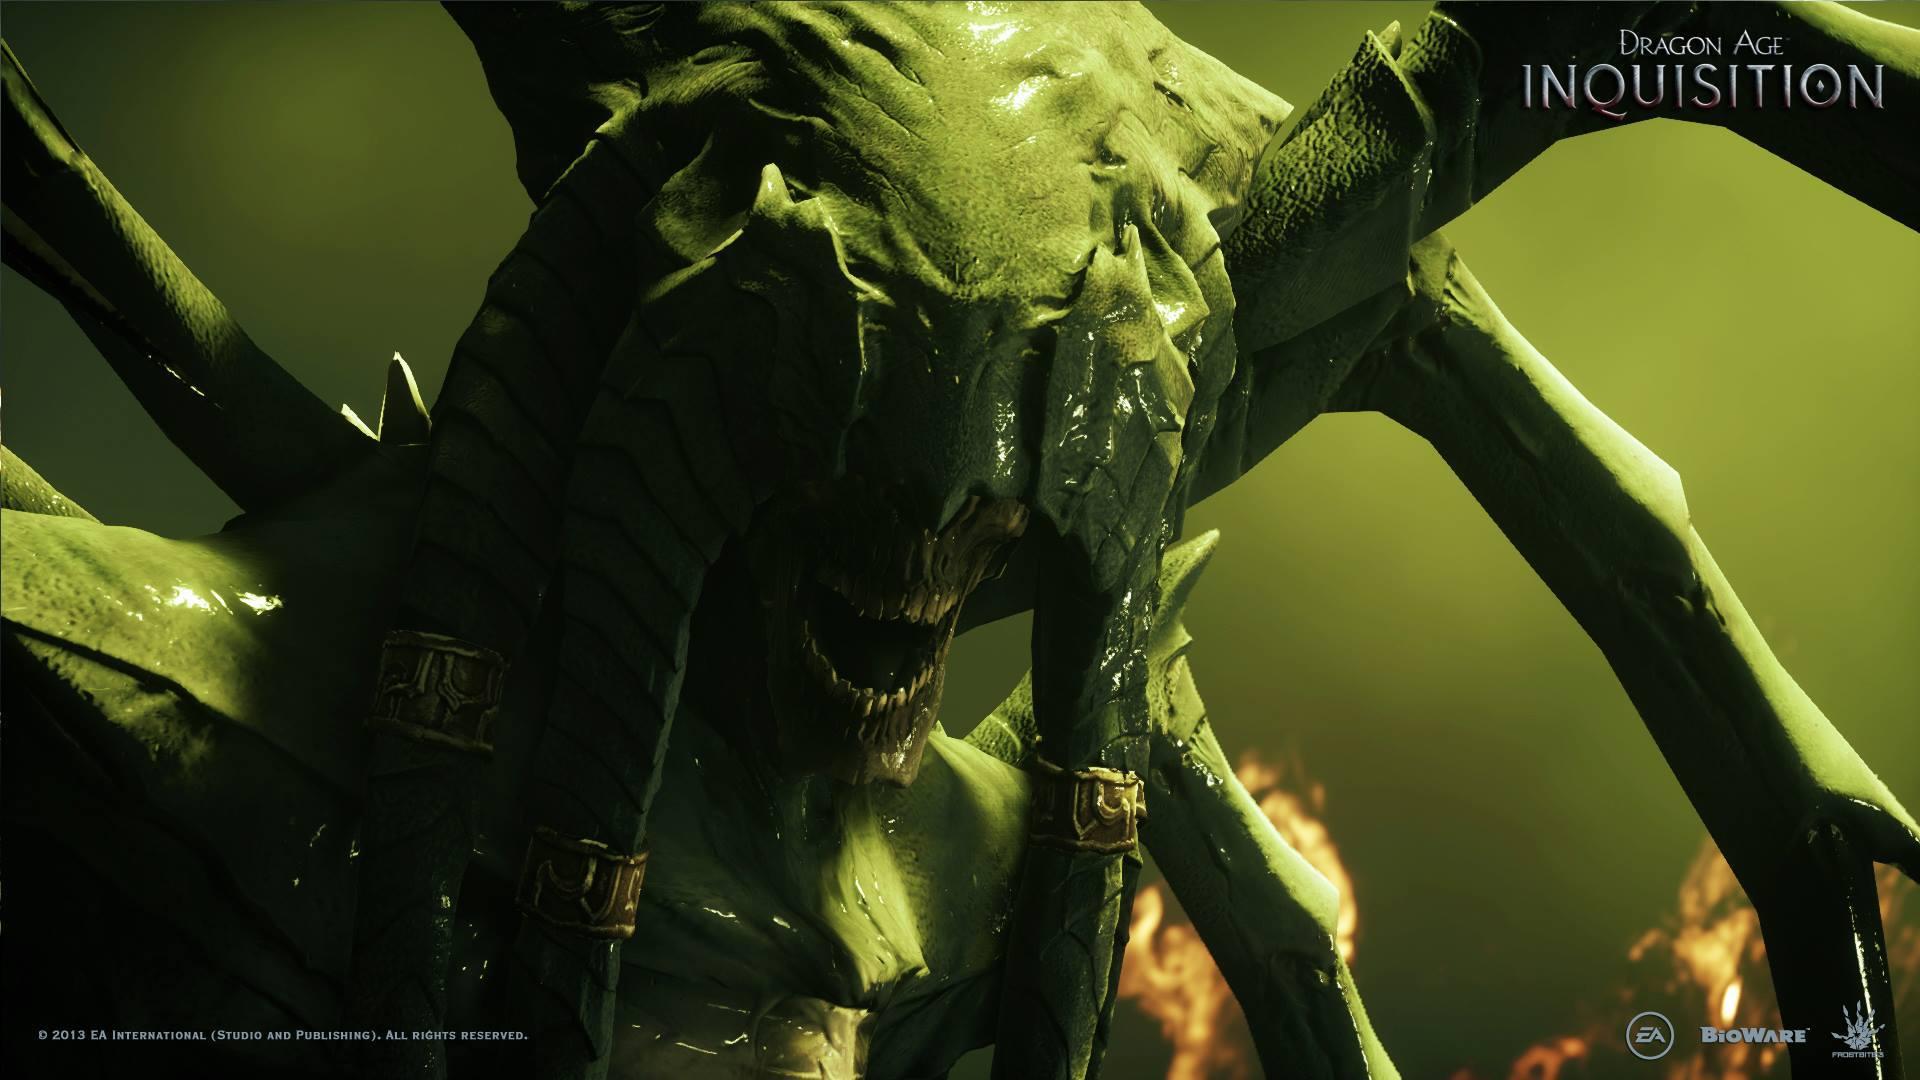 VengefulTemplar/Dragon Age: Inquisition - Concept Art 6